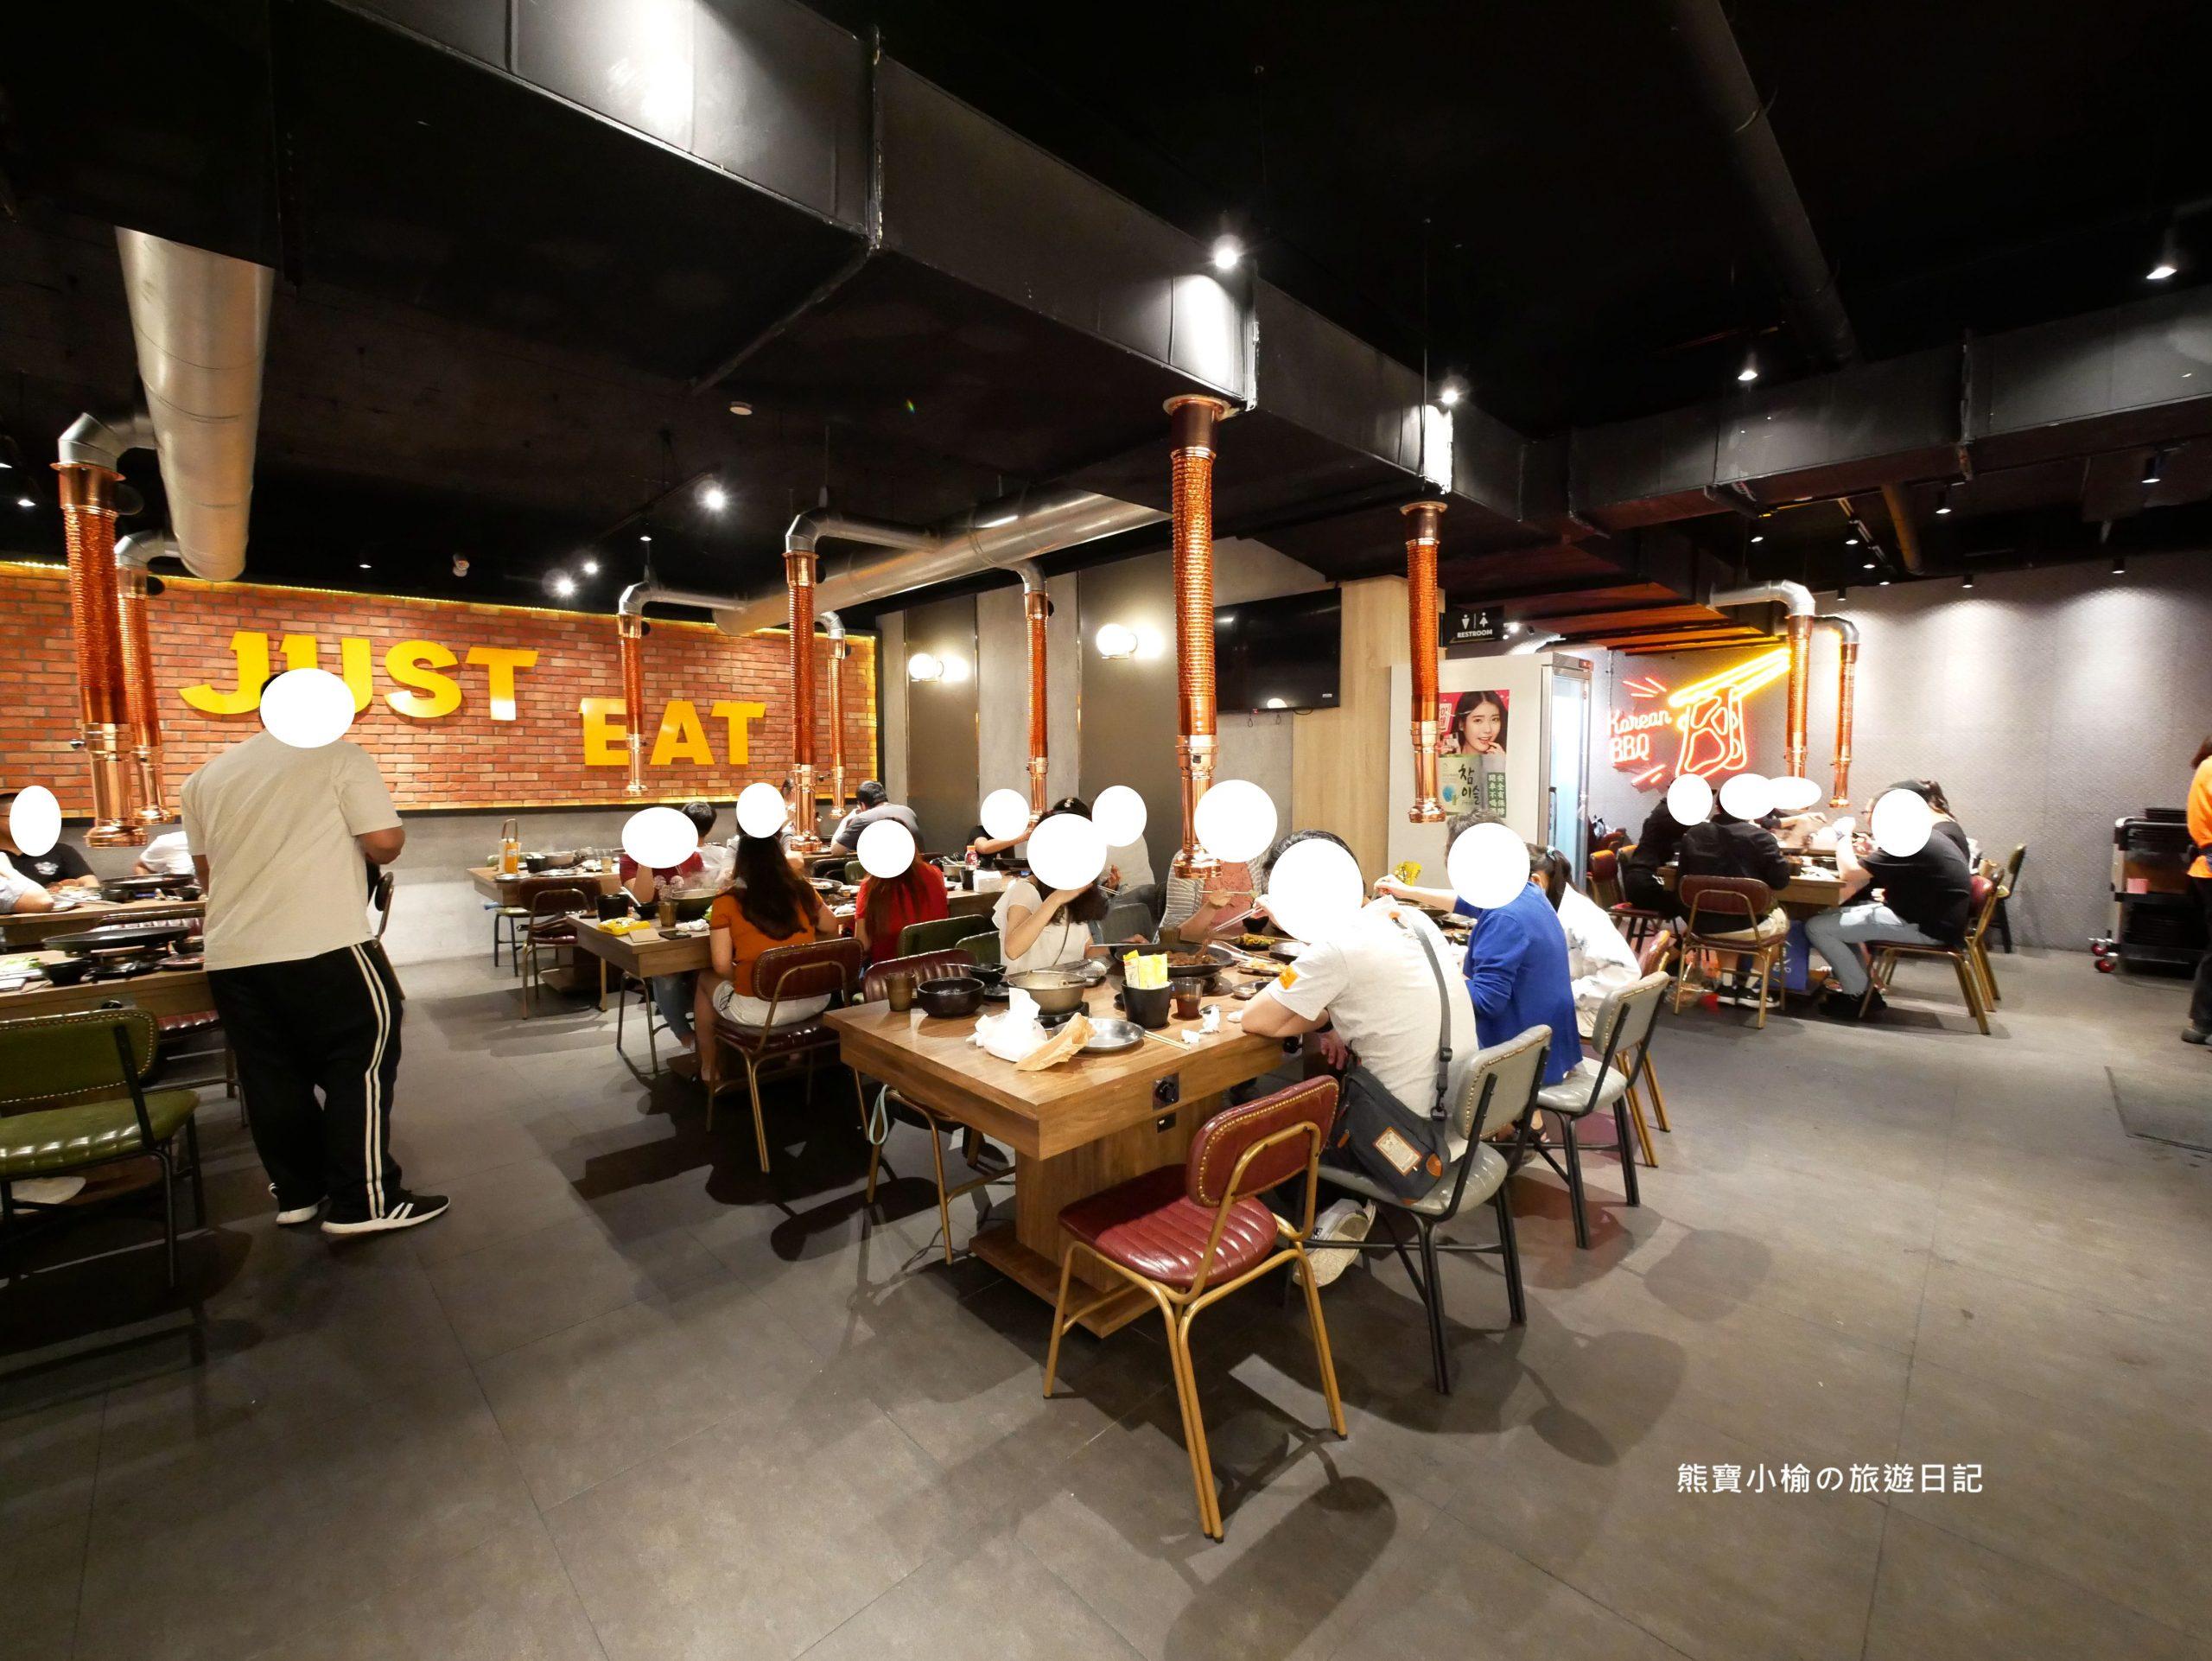 【台中北區美食】好好吃肉一中店,平日四點半前韓式烤肉吃到飽只要299元起!還有辣炒年糕、韓式小菜、火鍋通通無限享用。內文附詳細菜單價位介紹。 @熊寶小榆の旅遊日記